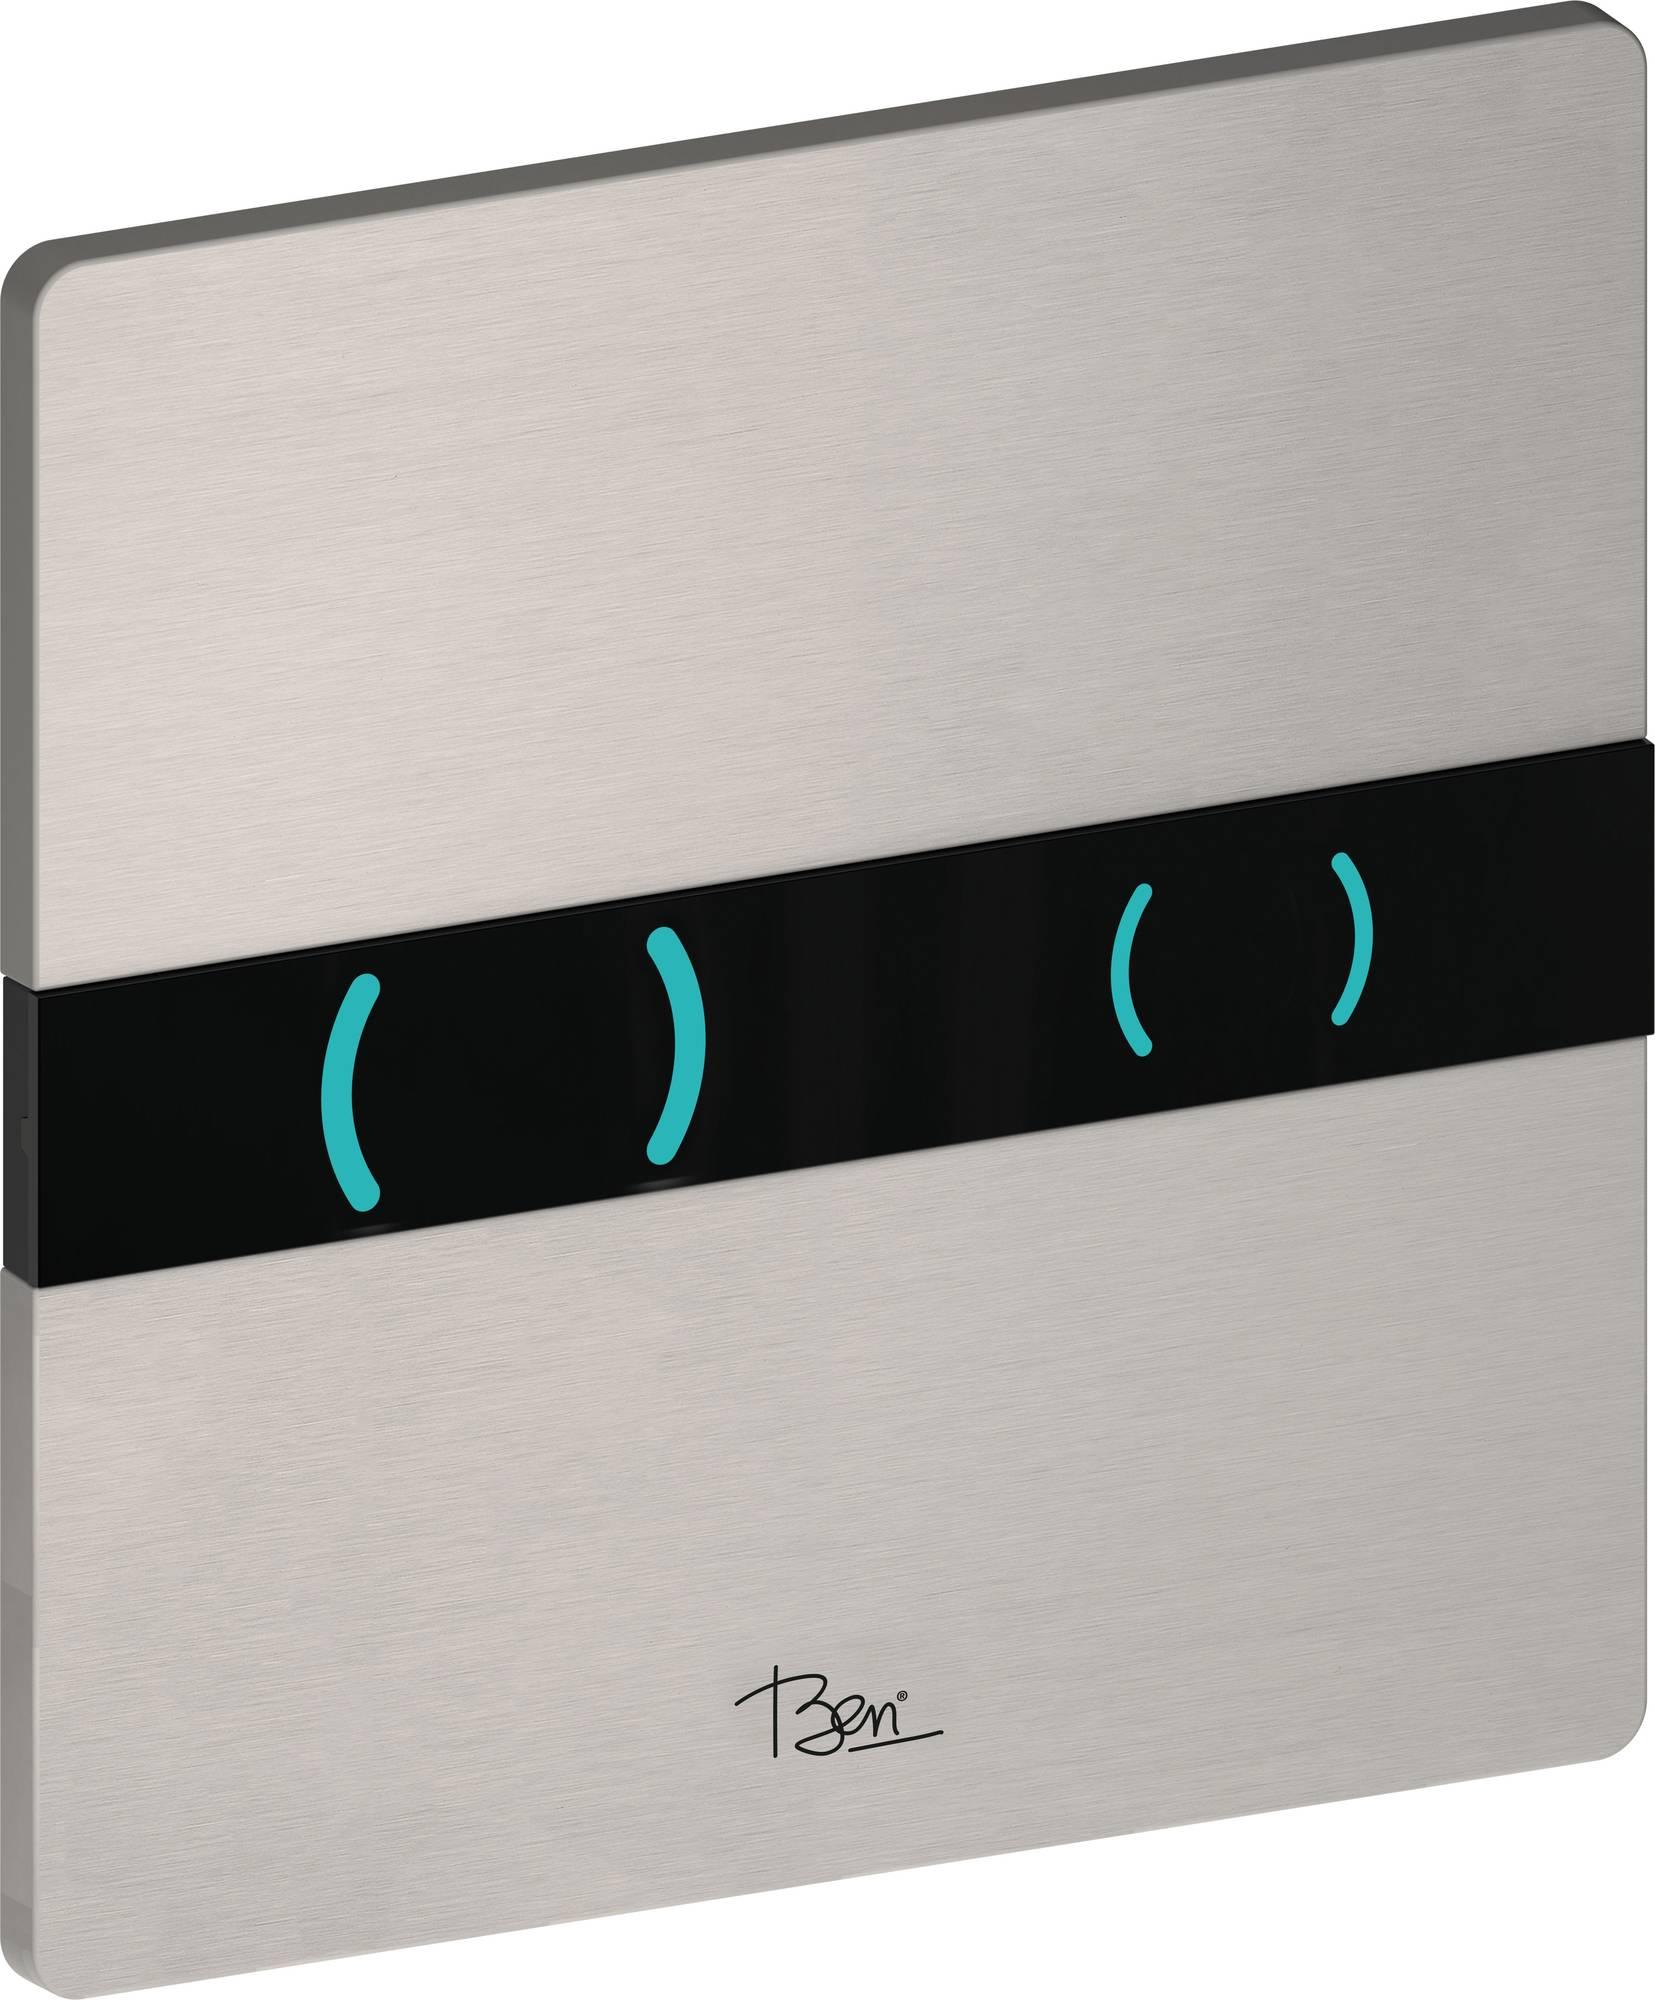 Ben Tronic bedieningspaneel infrarood bediening tbv BPF rvs